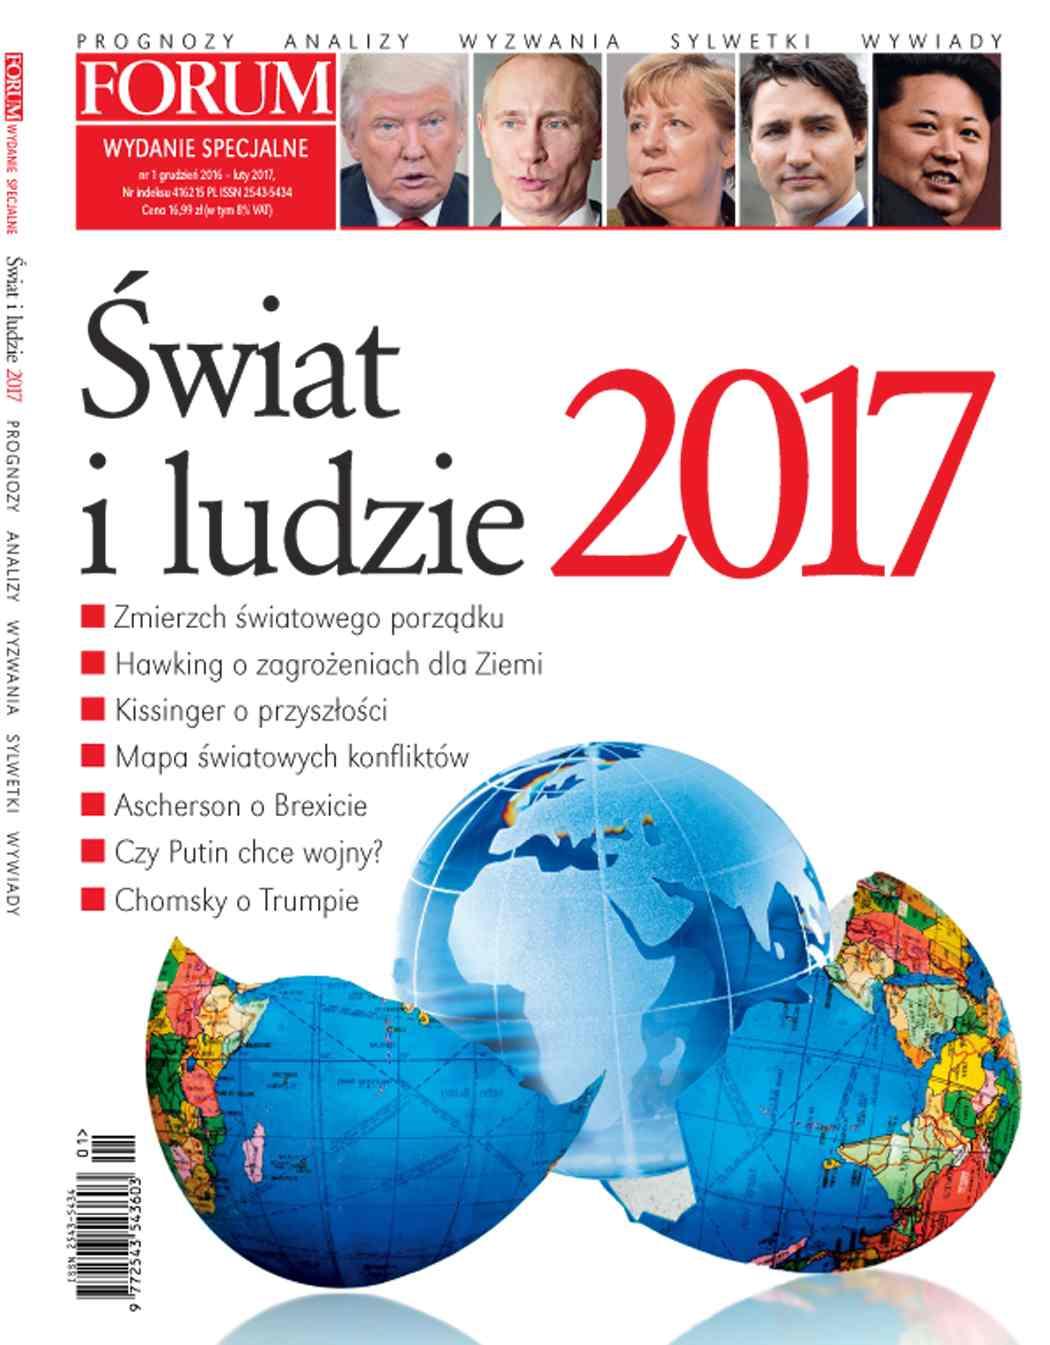 Forum Wydanie Specjalne Świat i Ludzie nr 1/2017 - Ebook (Książka PDF) do pobrania w formacie PDF